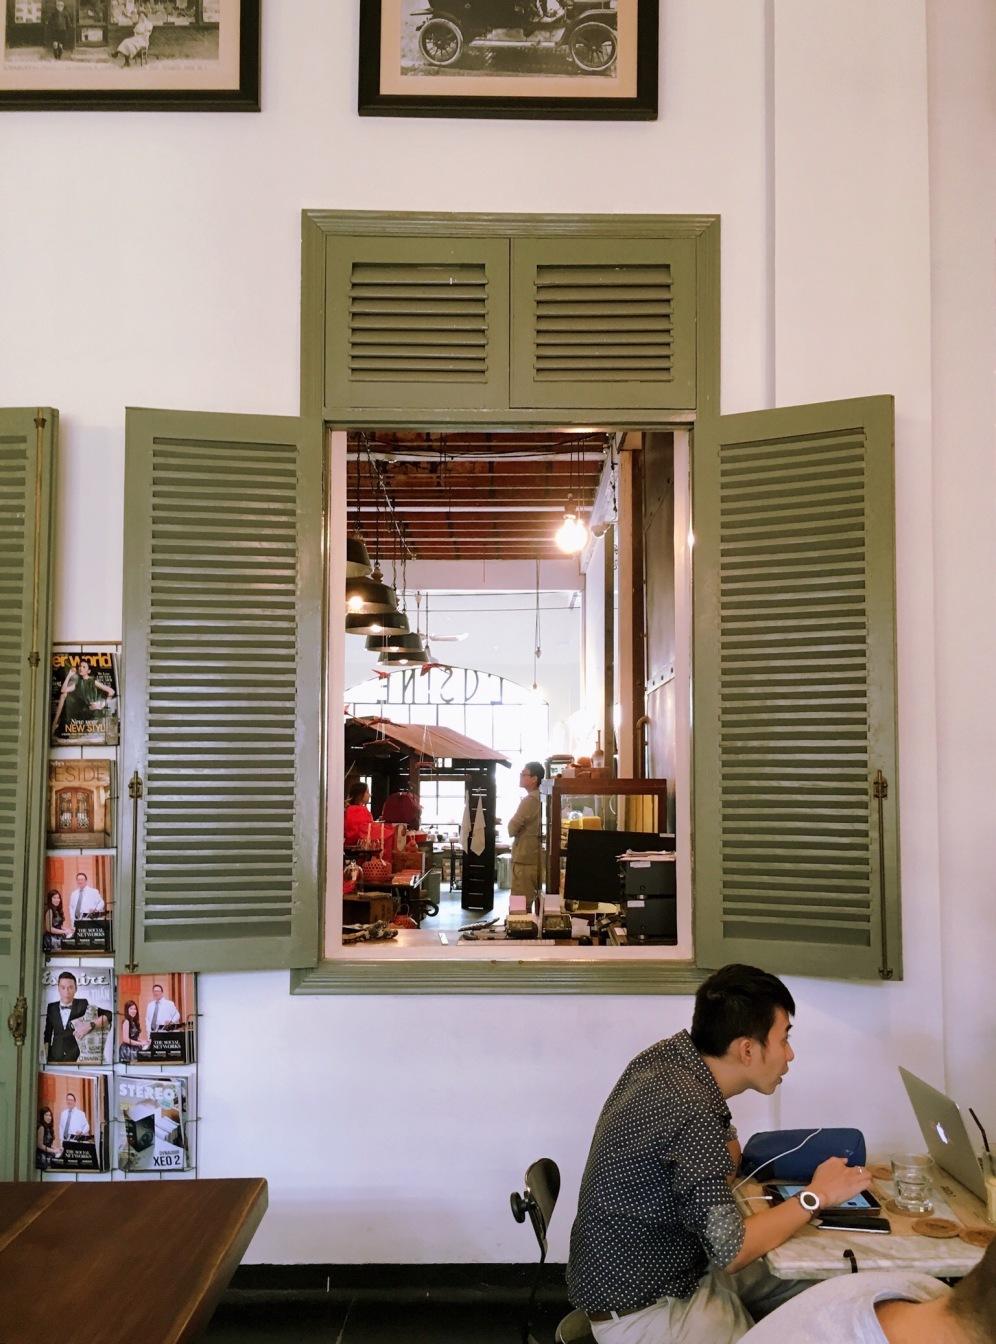 L'Usine Café concept store Ho Chi Minh - Viet-Nâm ©Delicieusevie